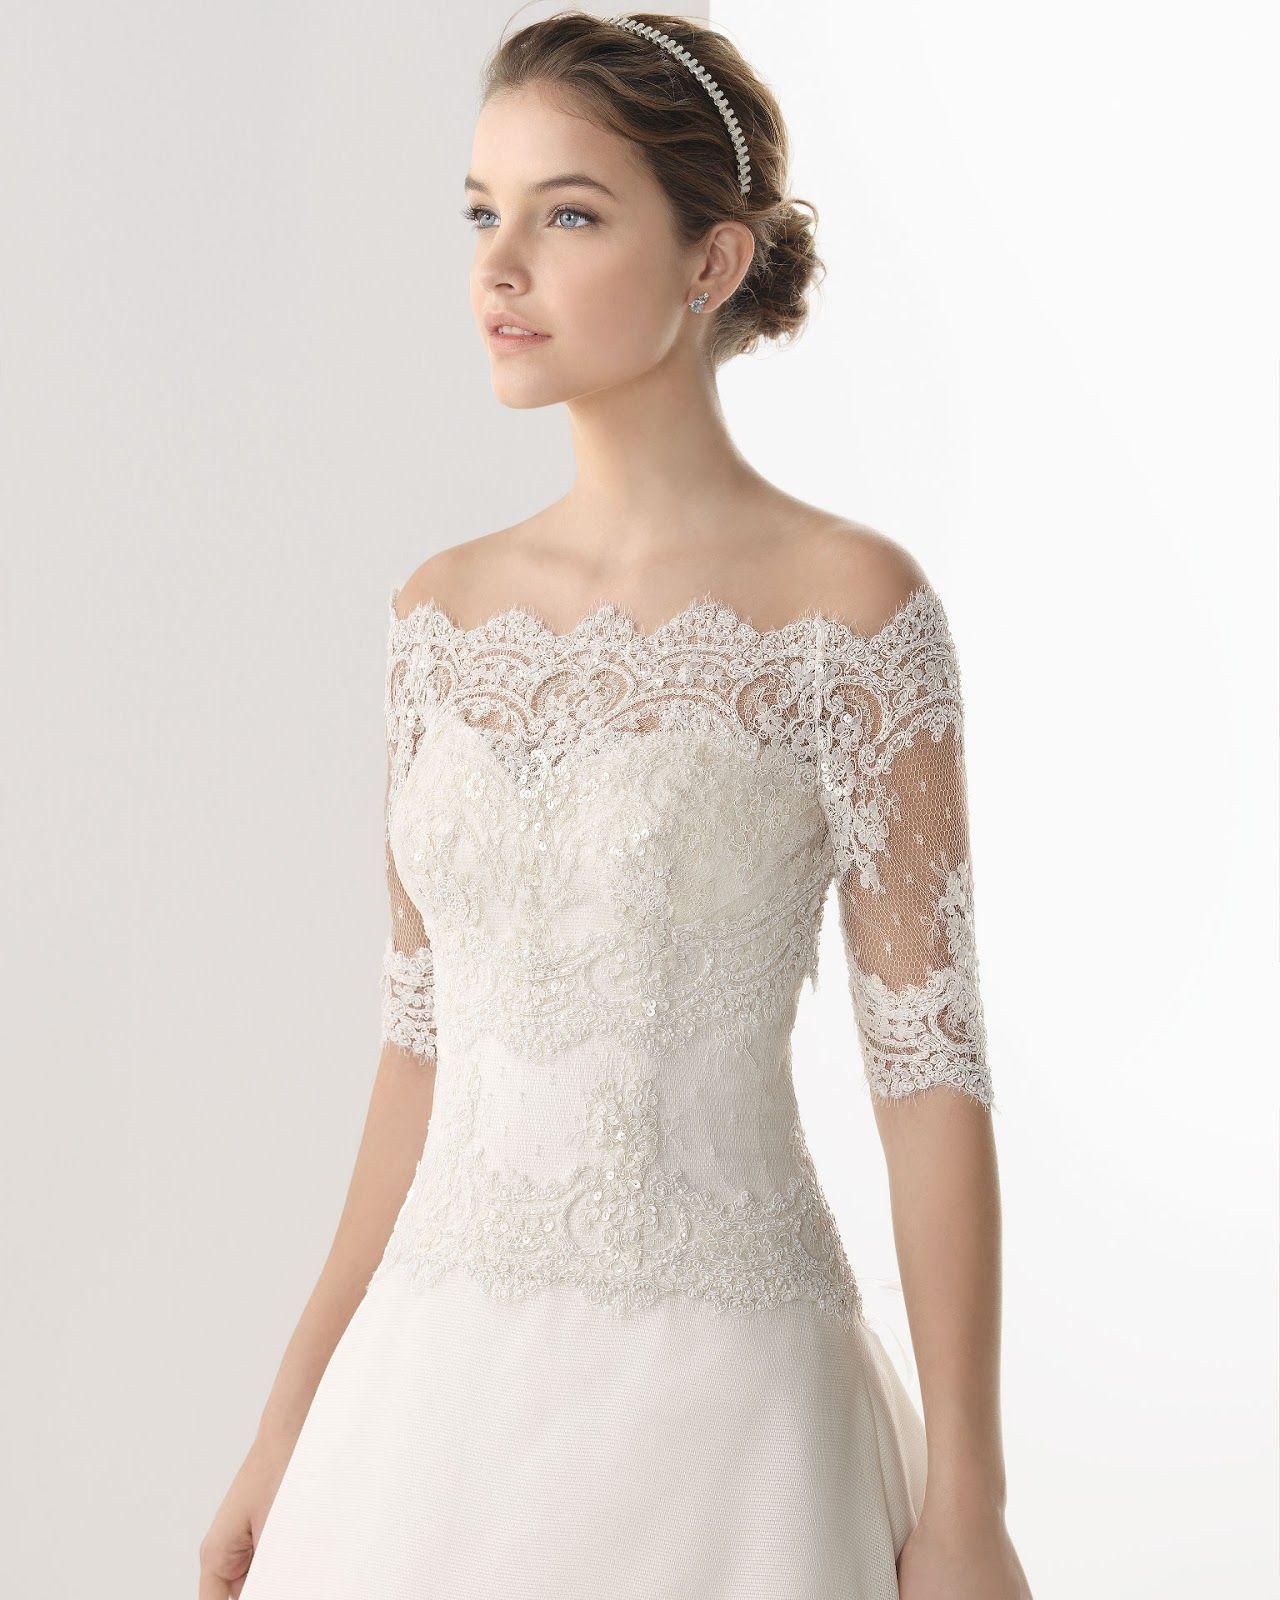 Elegant wedding dresses for mature brides  Elegant Long Sleeved Wedding Dresses Adelaide and long sleeved